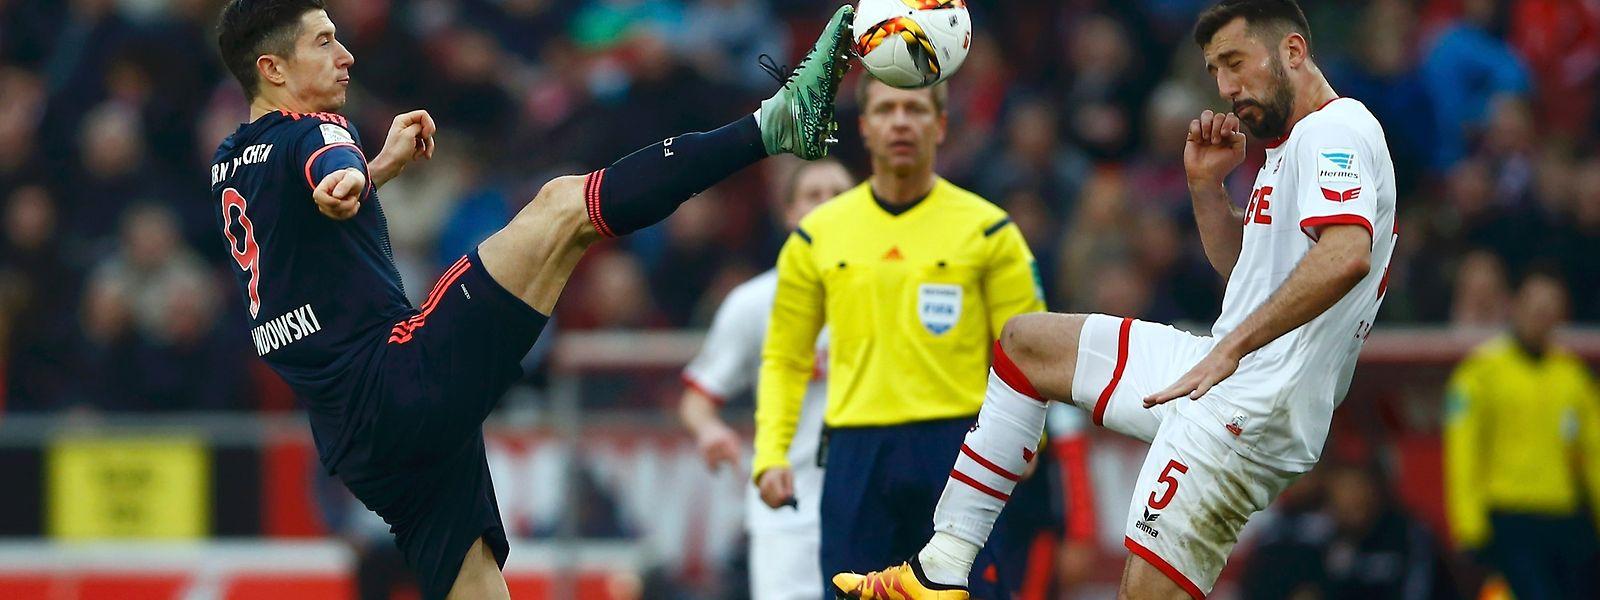 Etwas hoch, das Bein: Robert Lewandowski (l.) und Dominic Maroh vom 1. FC Köln.